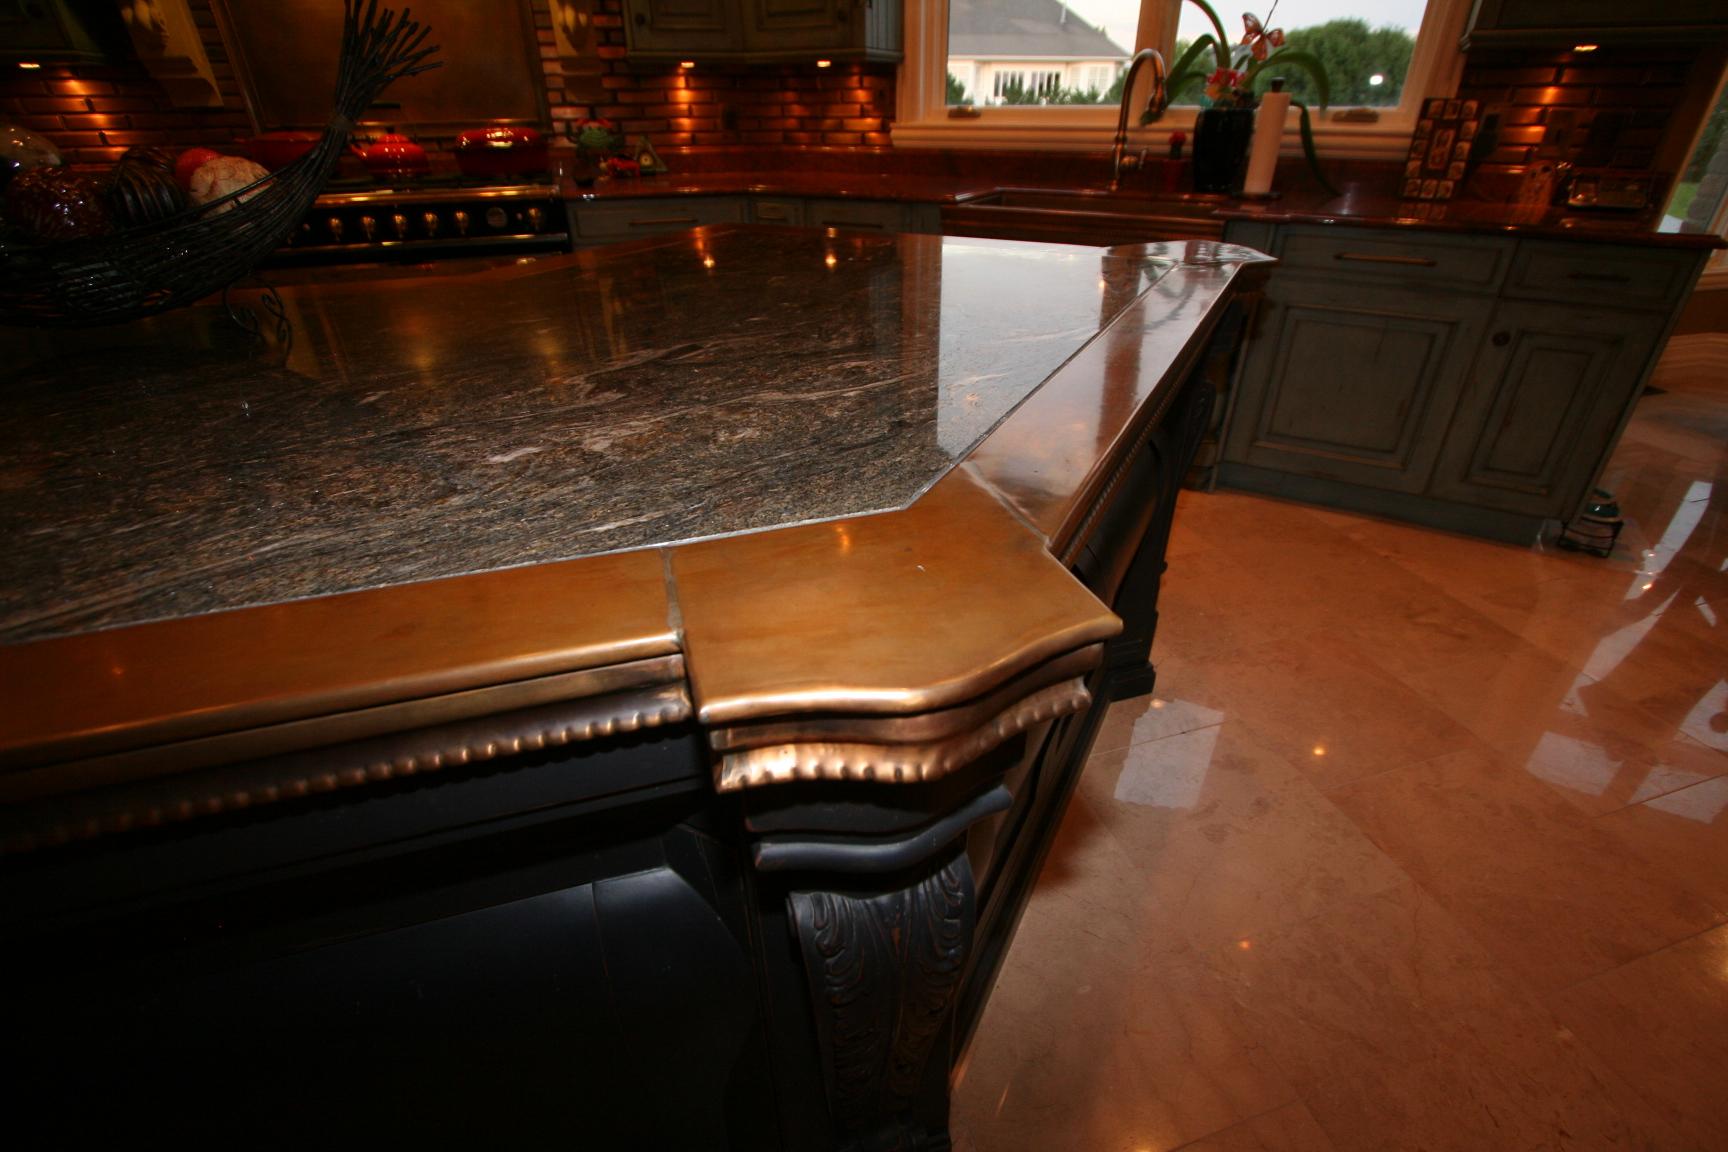 kitchens k benyamin bronze top close.JPG